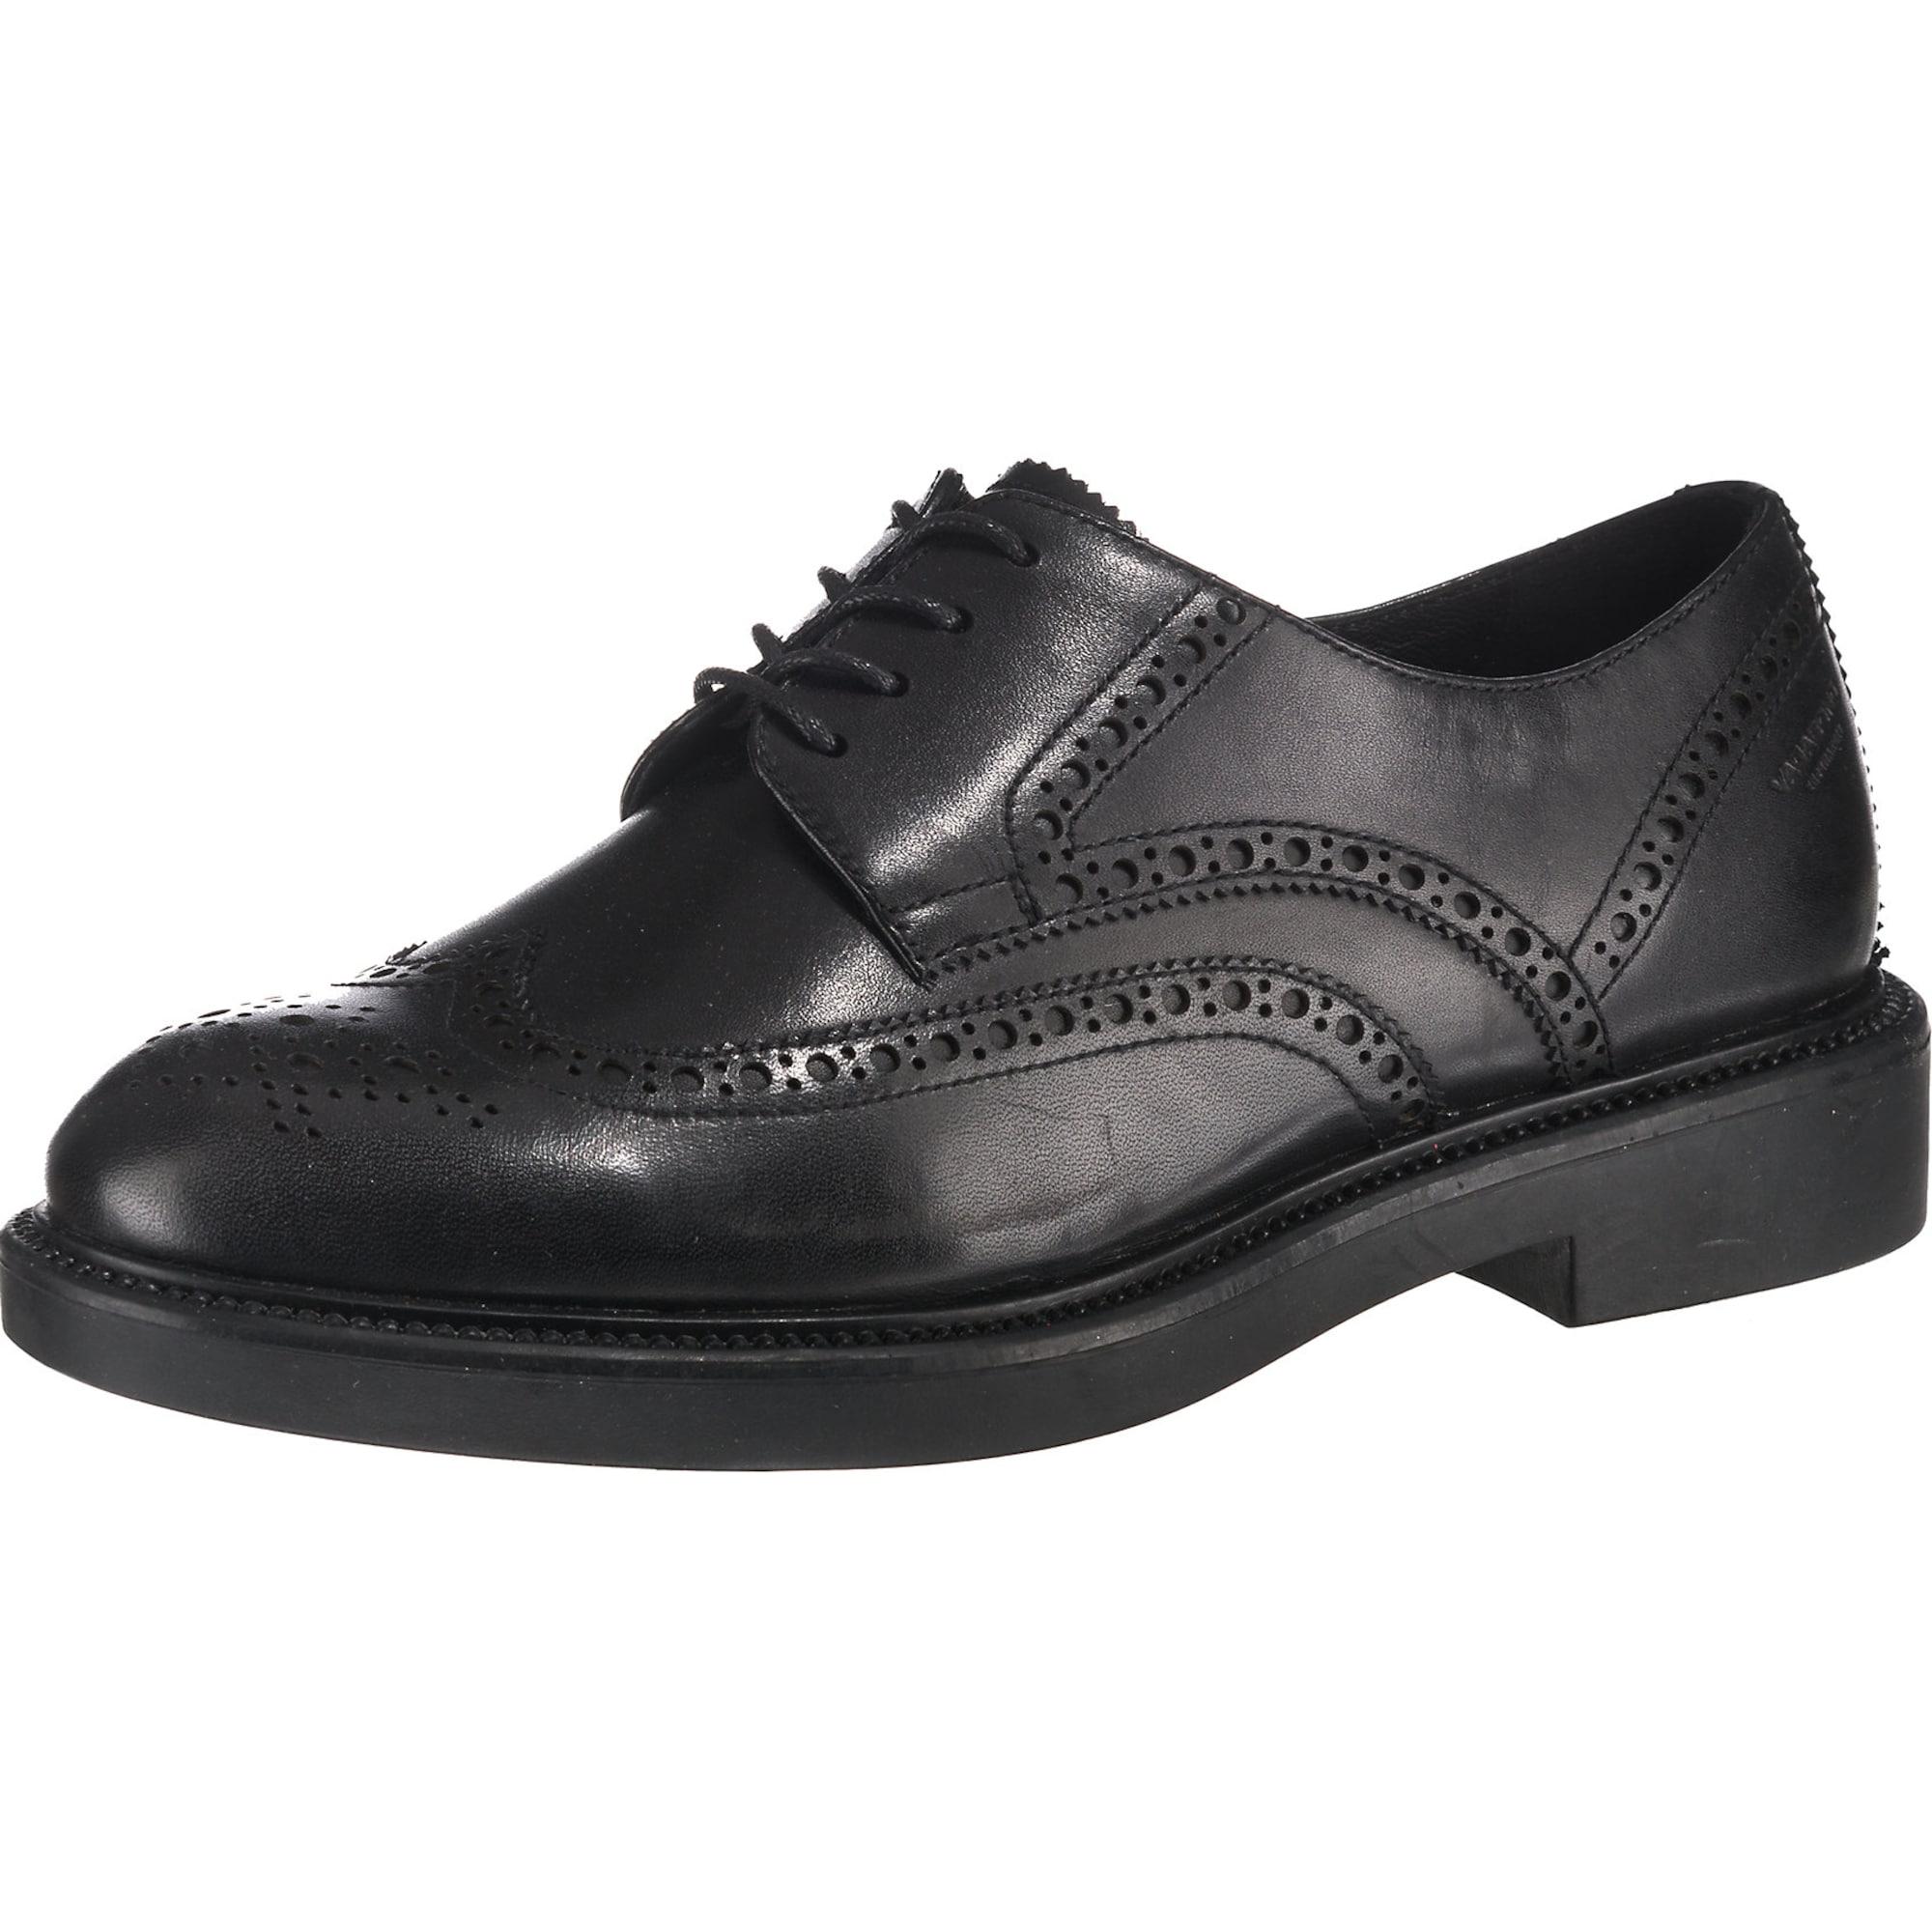 Halbschuhe 'Alex' | Schuhe > Boots > Schnürboots | Schwarz | VAGABOND SHOEMAKERS